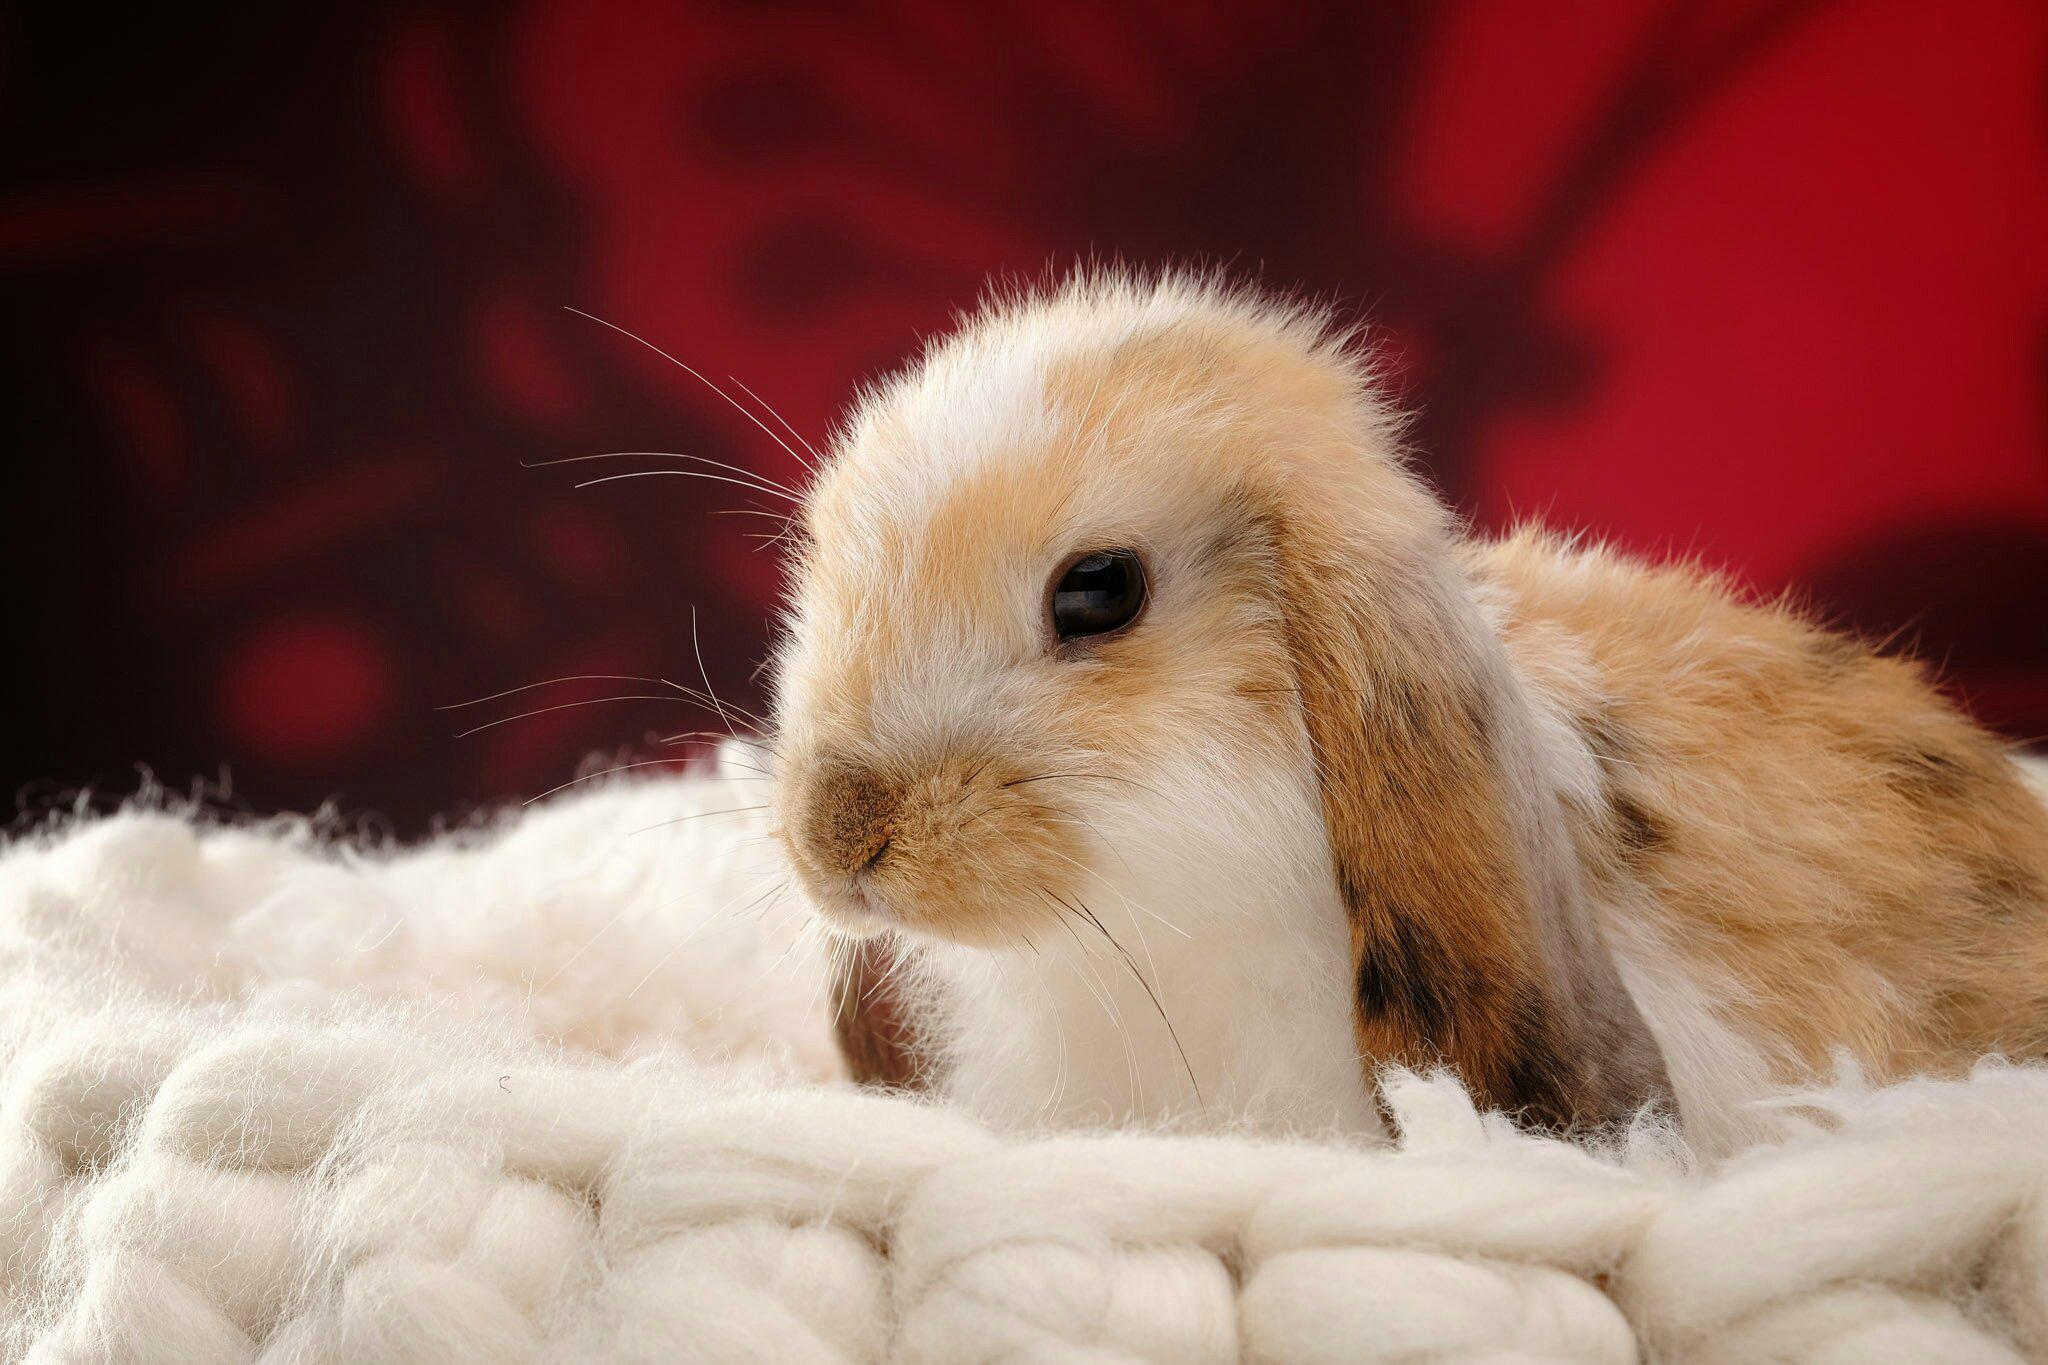 Tapeta Króliki Głowa Zwierzęta królik zwierzę